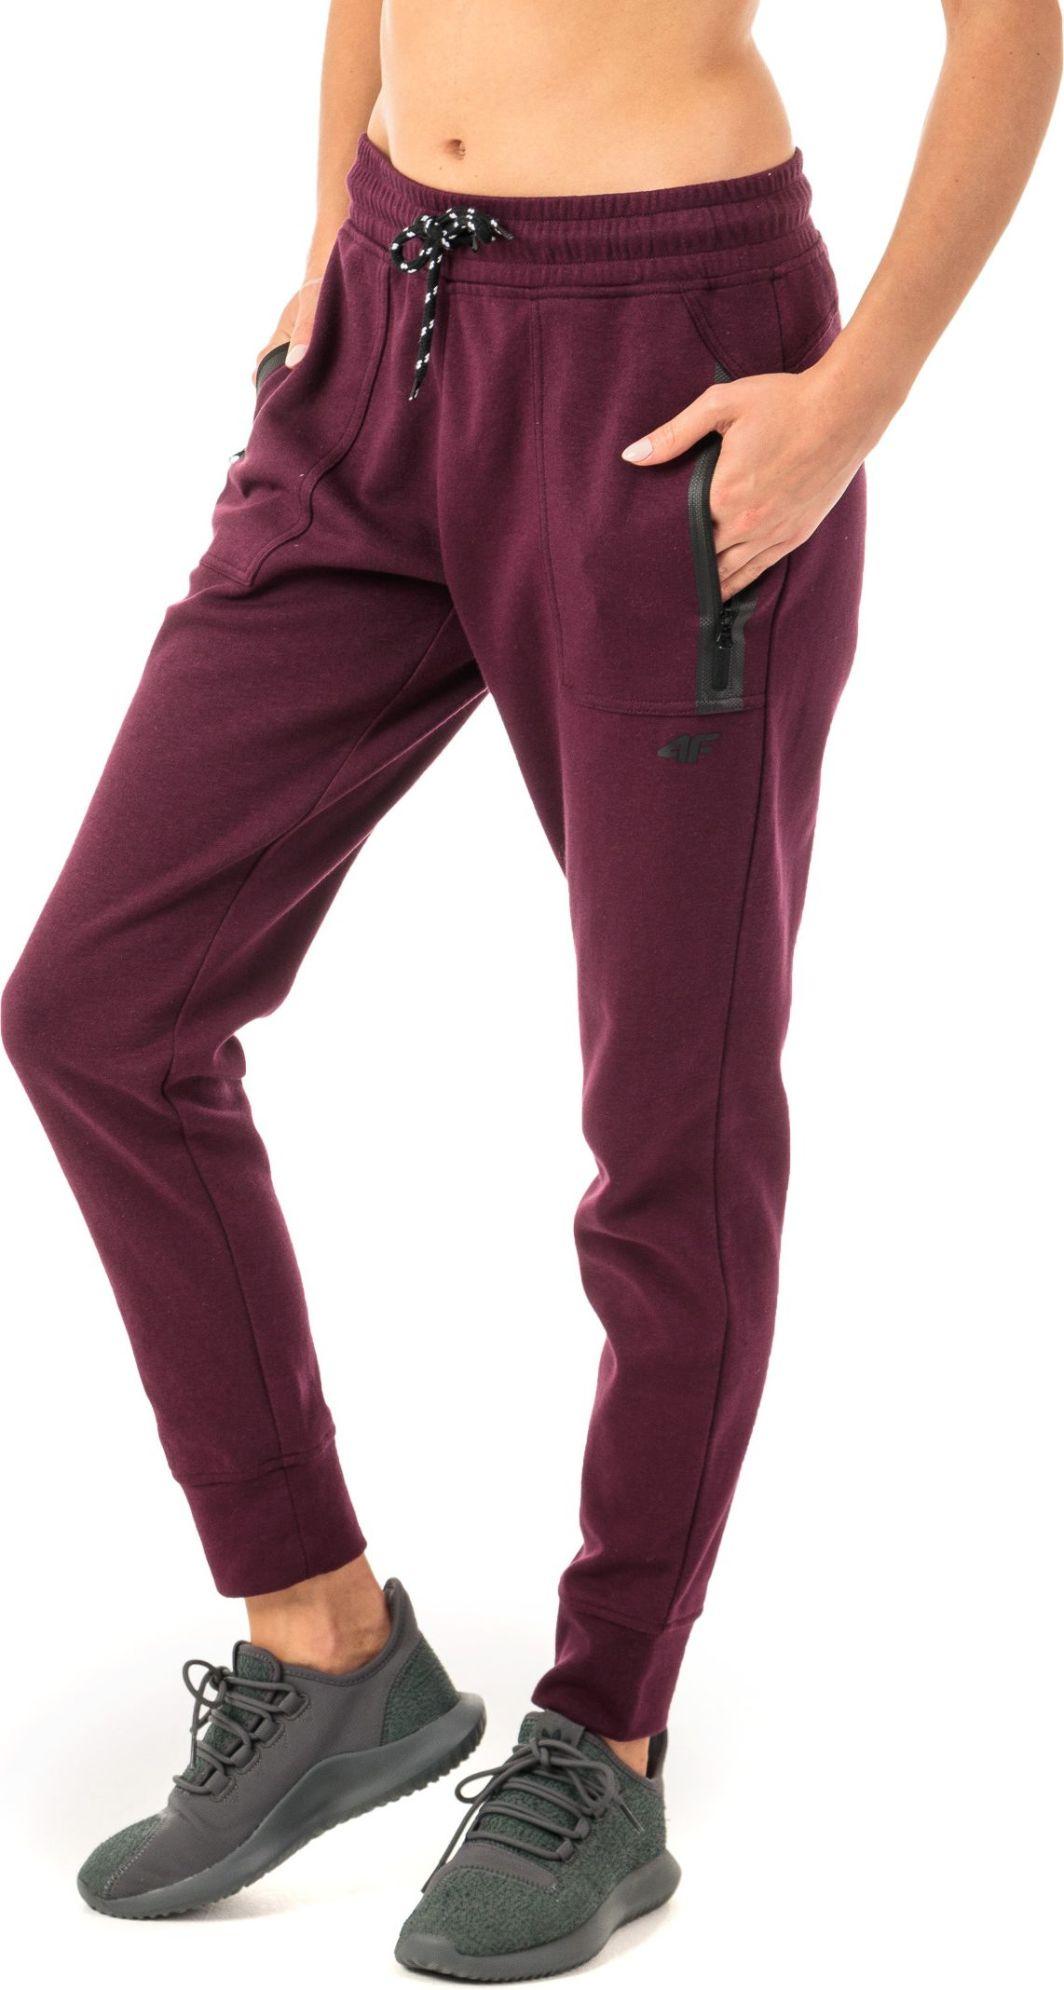 4f Spodnie damskie H4Z18 SPDD004 bordowe r. XL ID produktu: 4598464